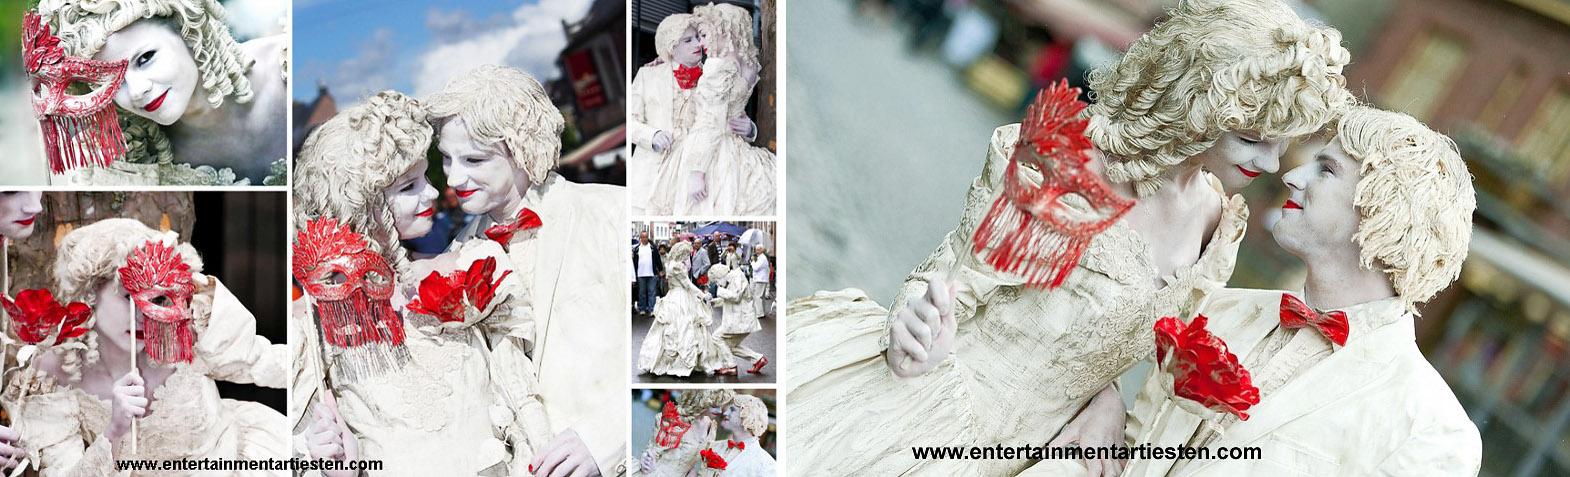 Valentijnsdag of Huwelijk Verliefde stel, Zij veroveren elkaars hart ! En dat niet alleen veroveren ...ook het hart van hun publiek! De twee mooie beelden spelen met hun prachtige accessoires een mooi liefdes toneel op, straattheater, levende beelden, living statues, artiesten boeken, www.goversartiesten.nl